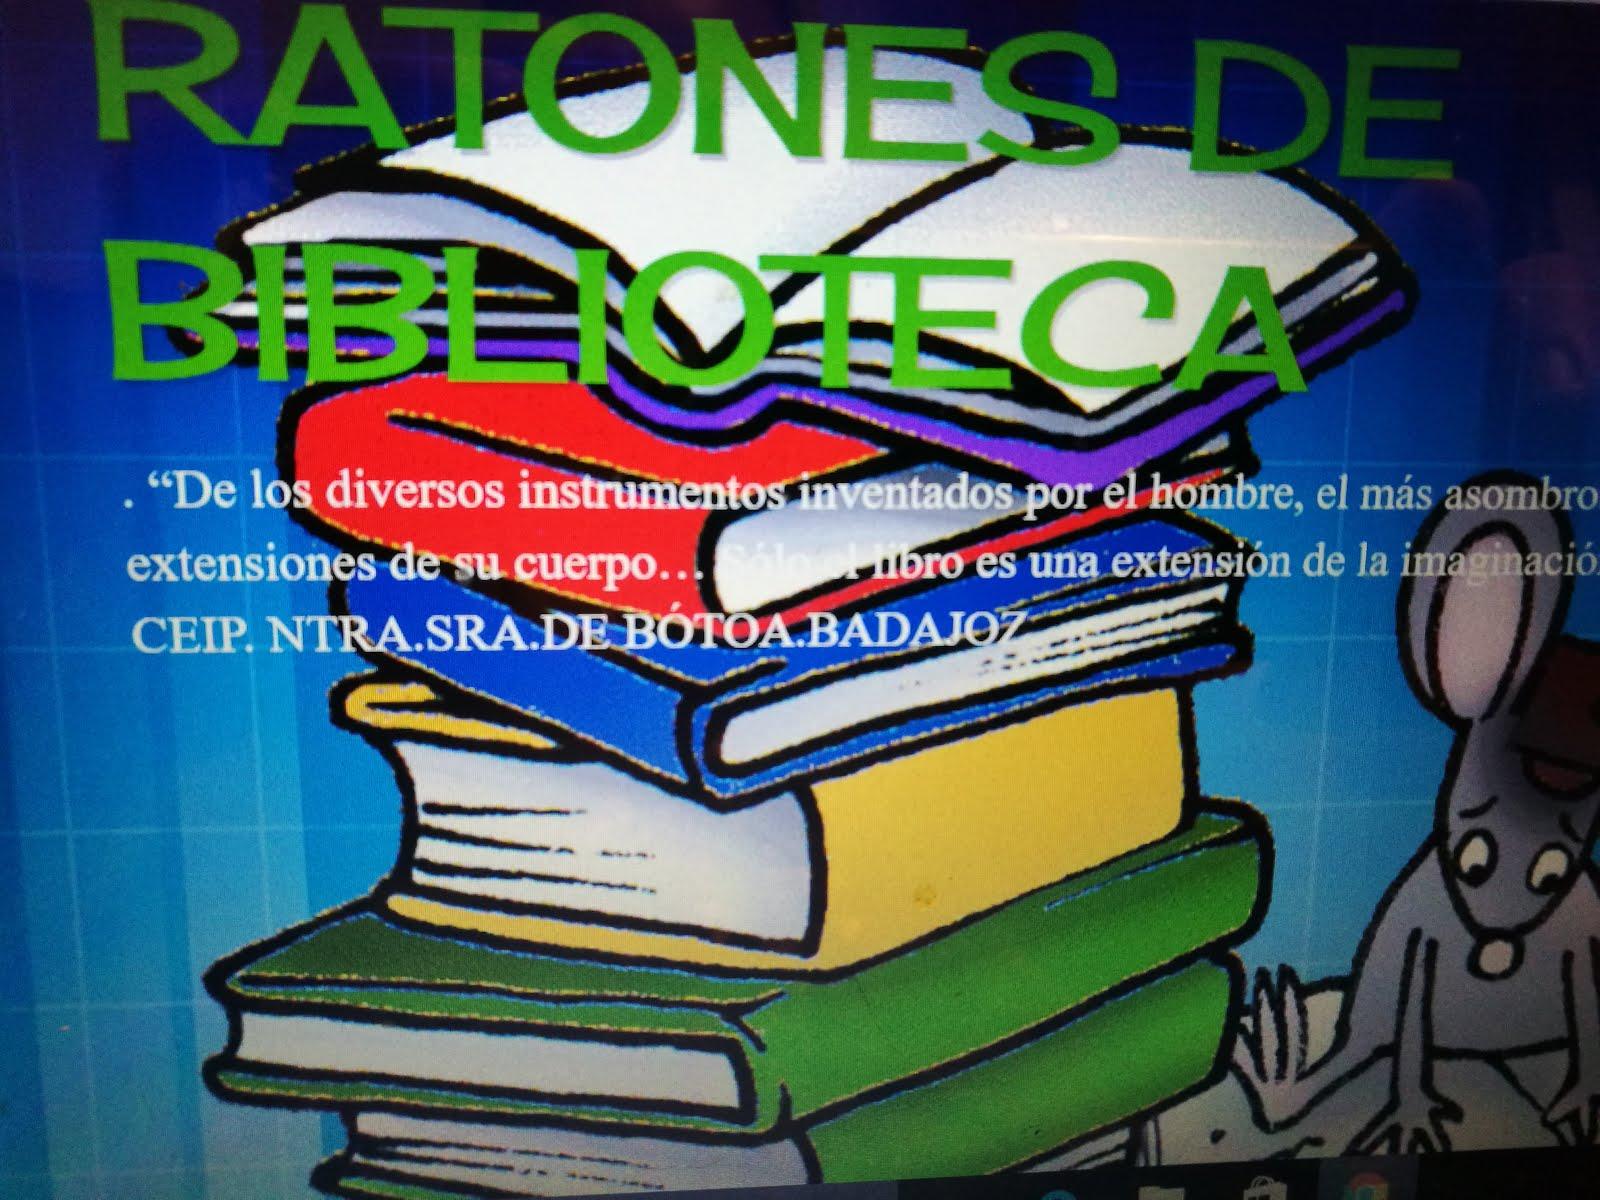 VISITA EL BLOG DE LA BIBLIOTECA.